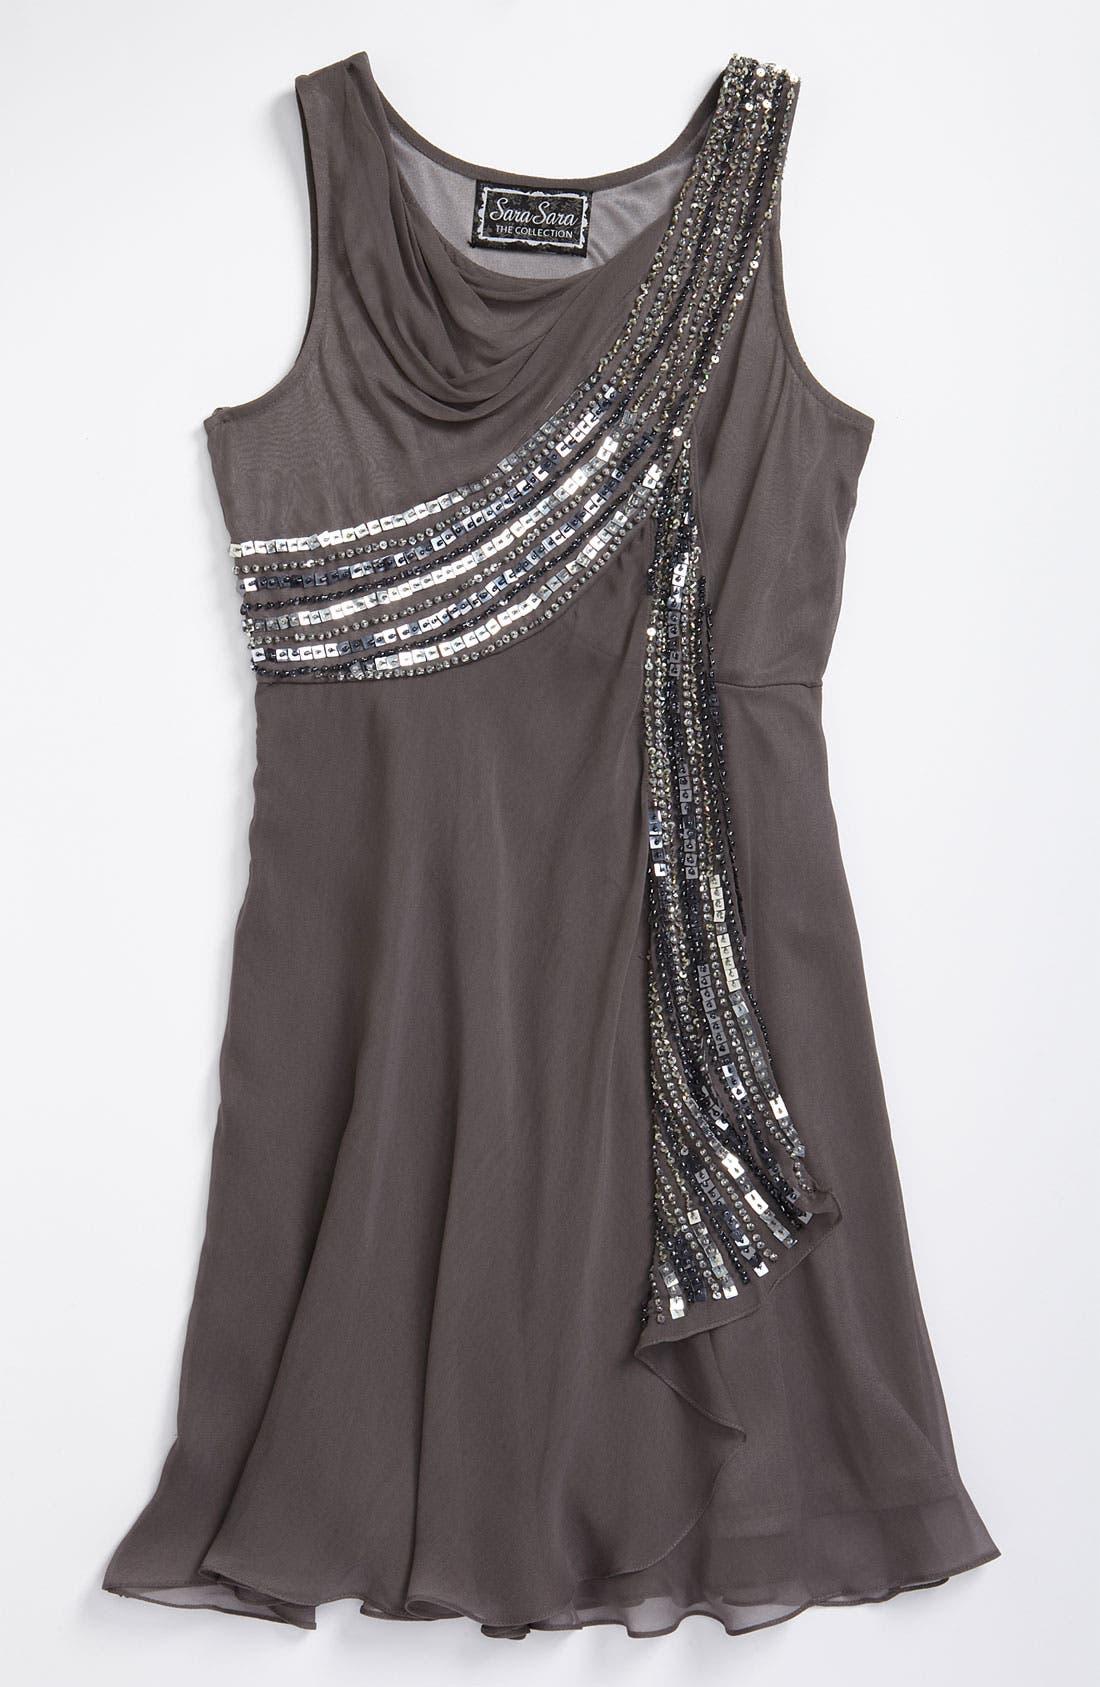 Main Image - Sara Sara Sequin Dress (Big Girls)